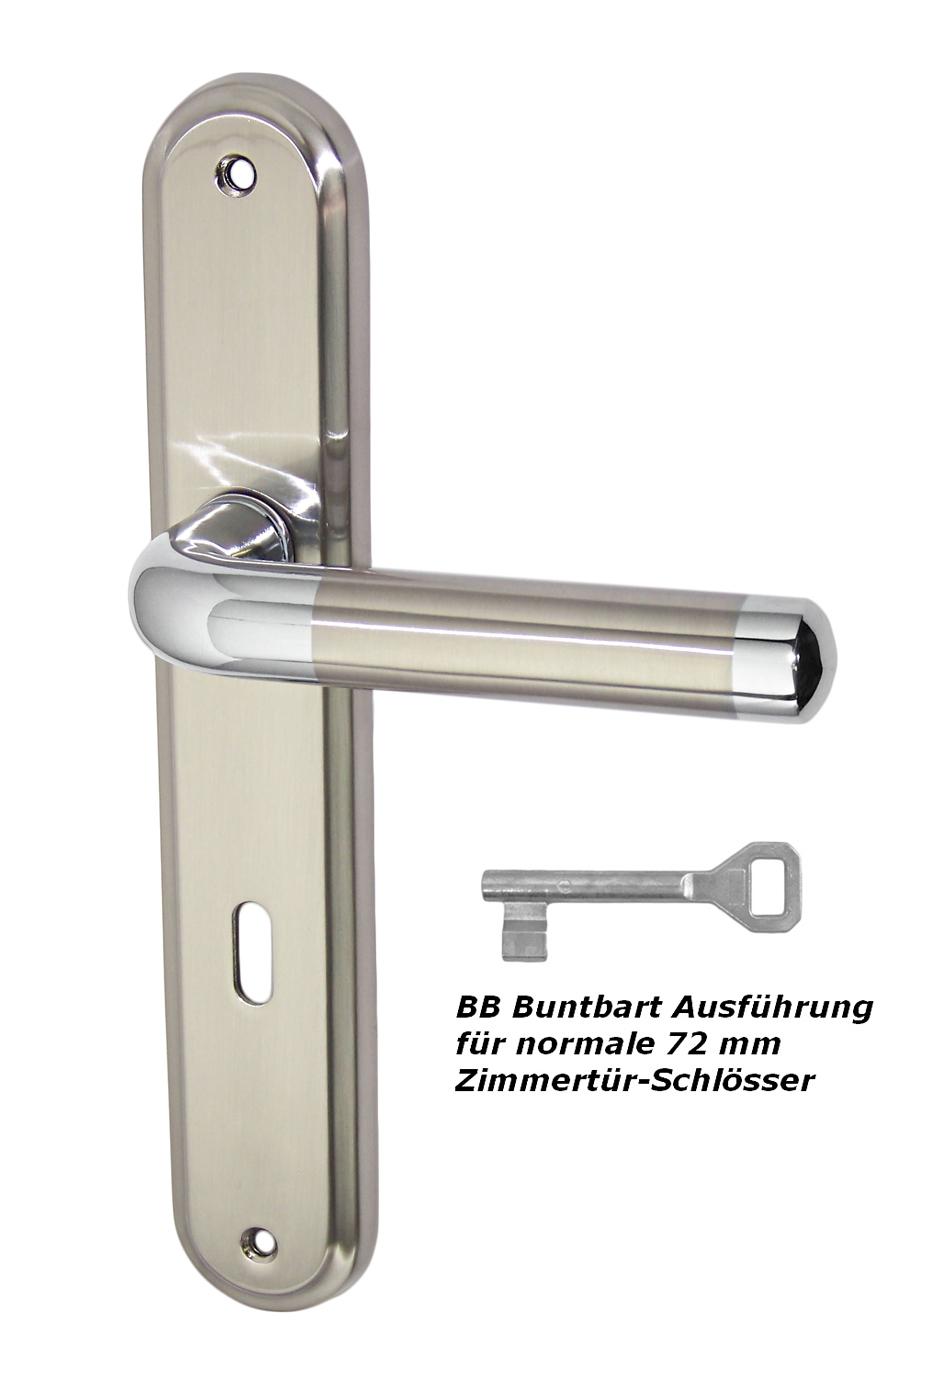 http://www.nbkweb.de/ebay/beschlag/1386a1.jpg